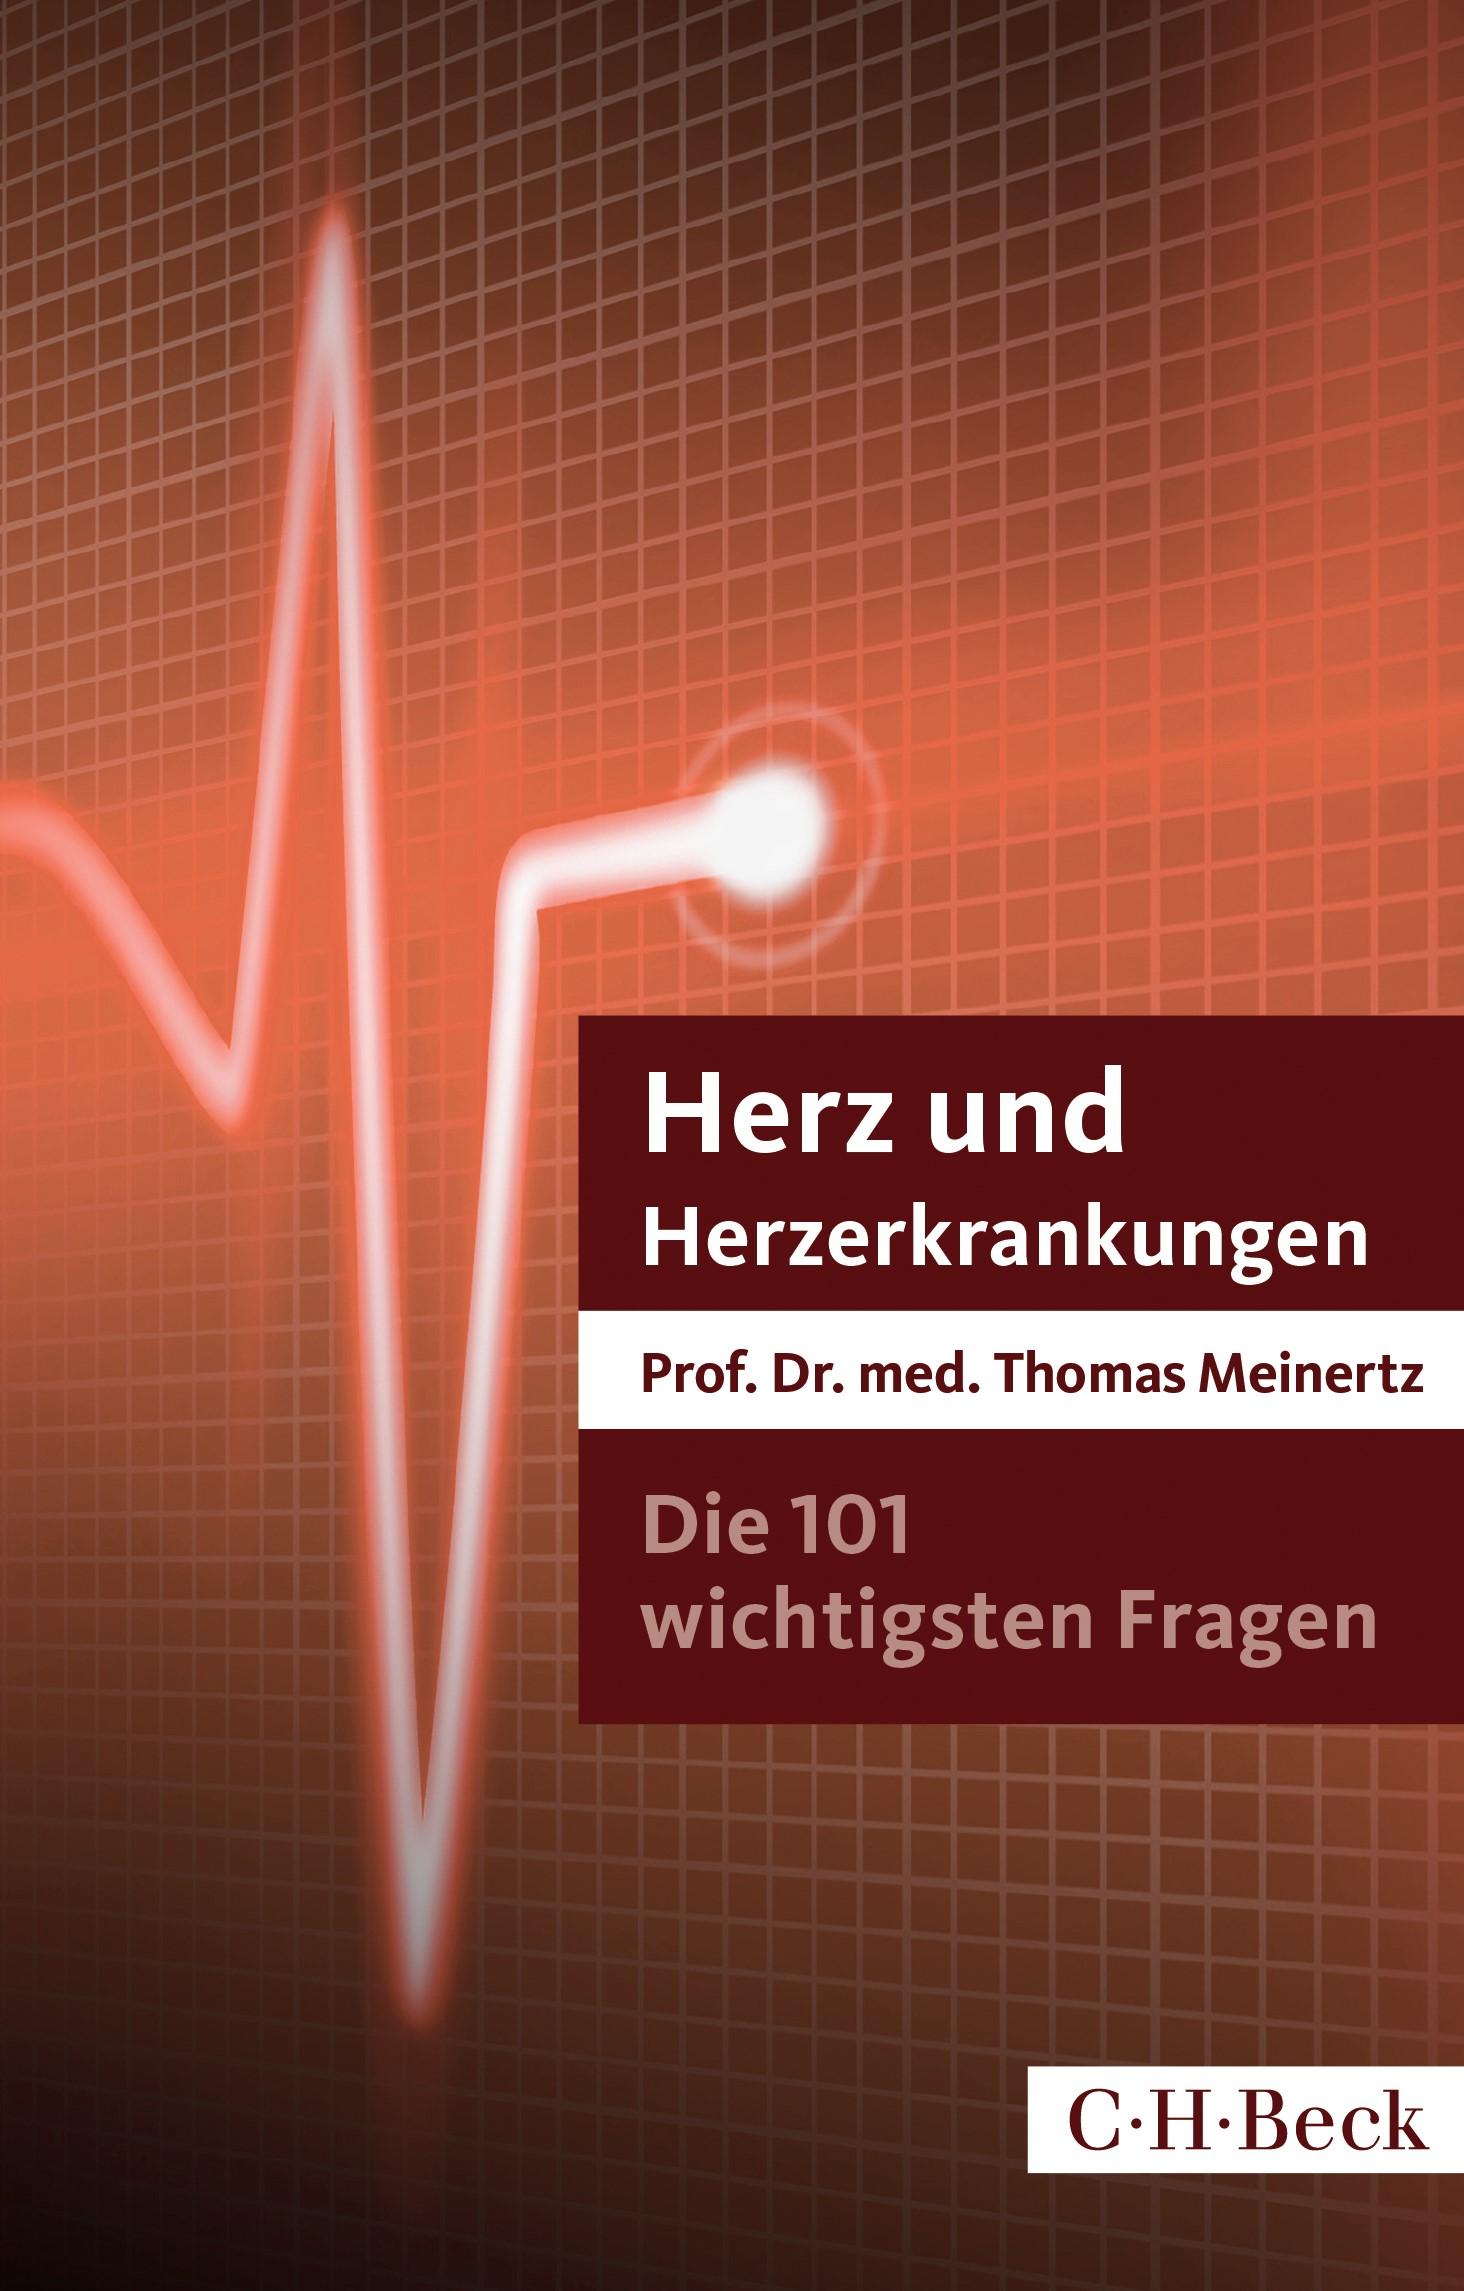 Die 101 wichtigsten Fragen und Antworten - Herz und Herzerkrankungen, 2018 | Buch (Cover)